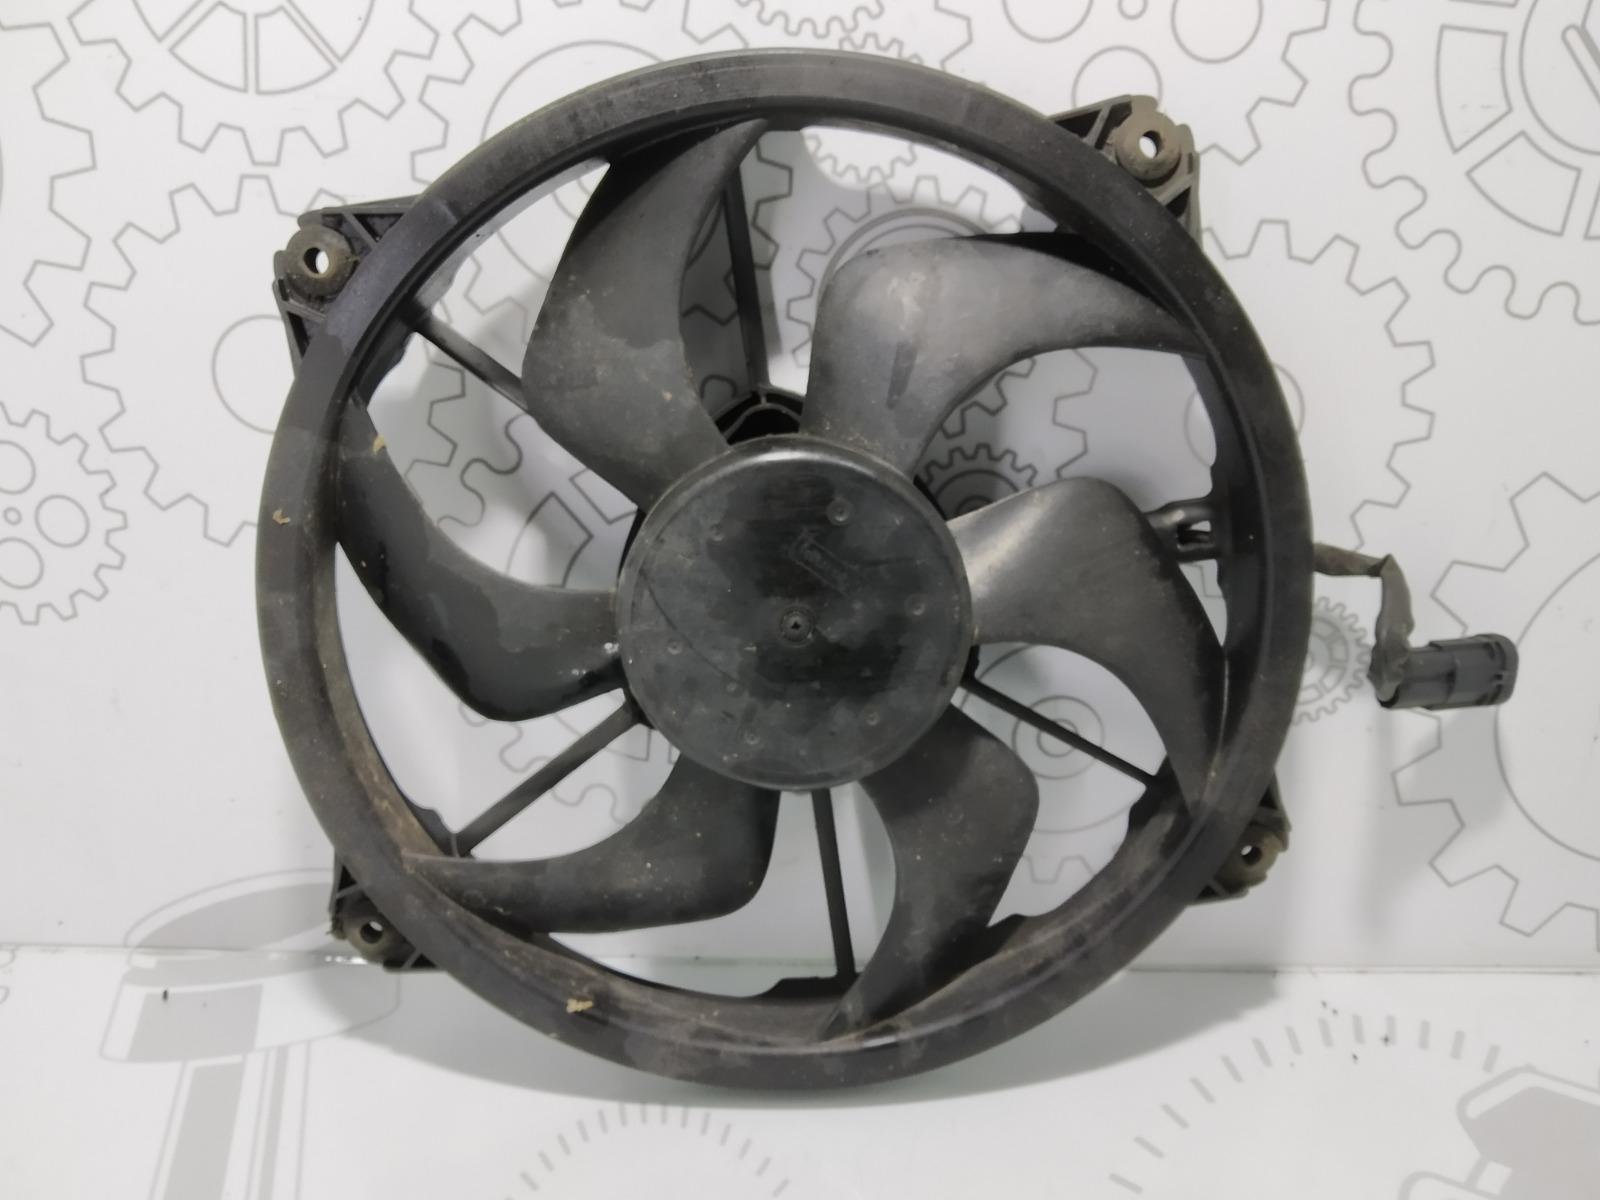 Вентилятор радиатора Citroen C4 Grand Picasso 1.6 HDI 2009 (б/у)